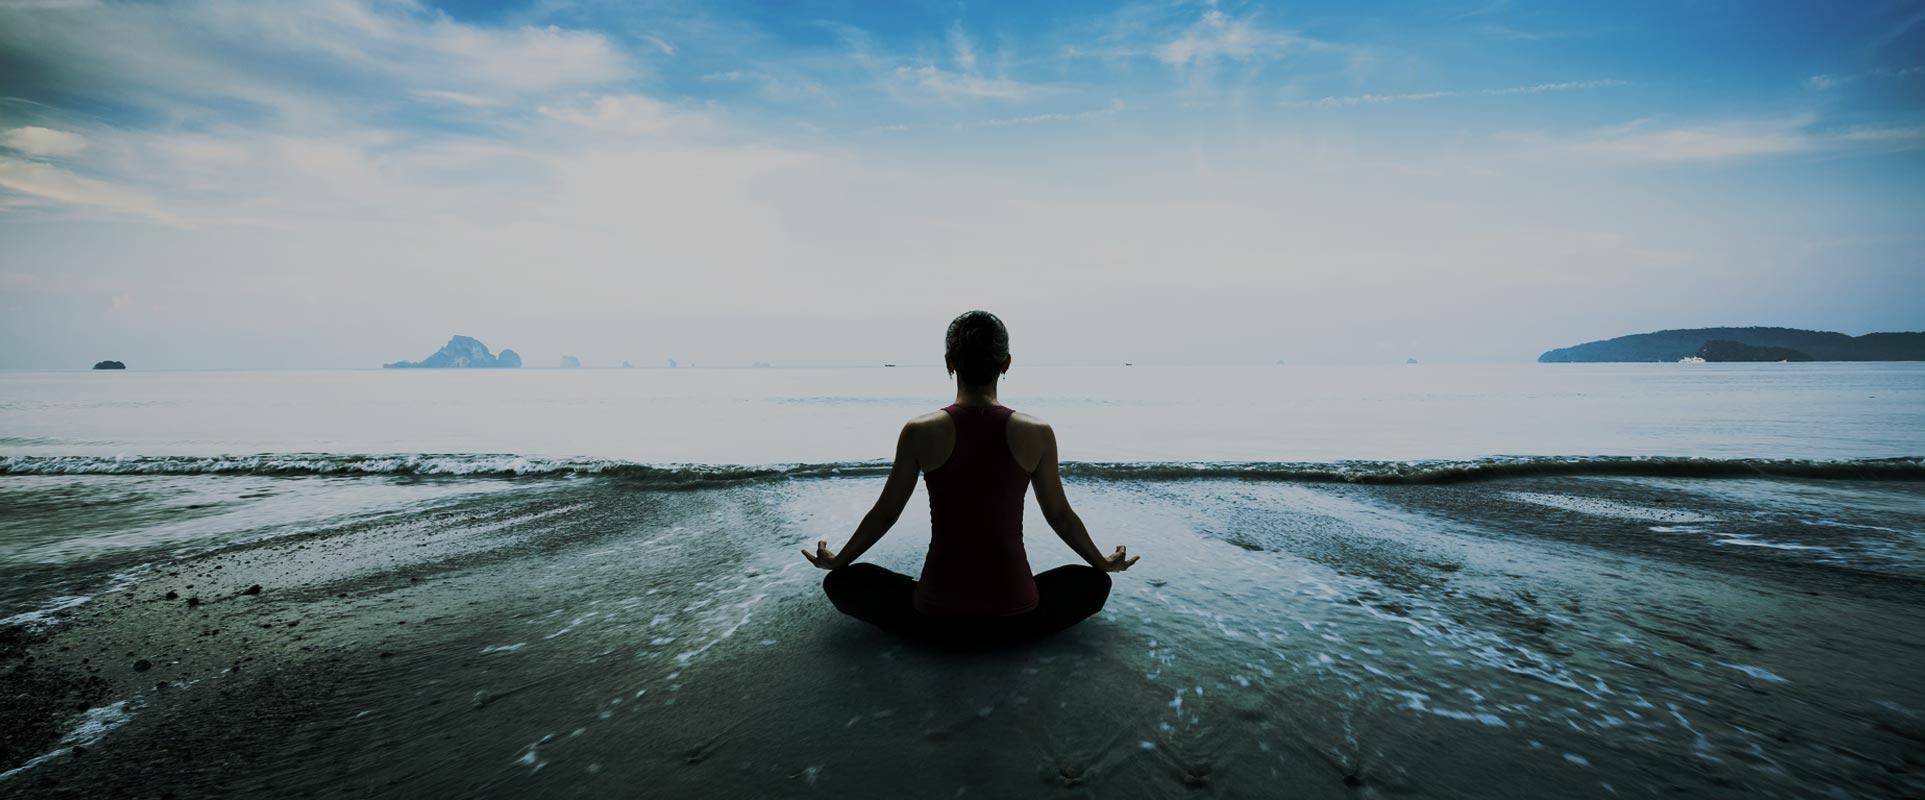 Letting Go - Yoga position on beach